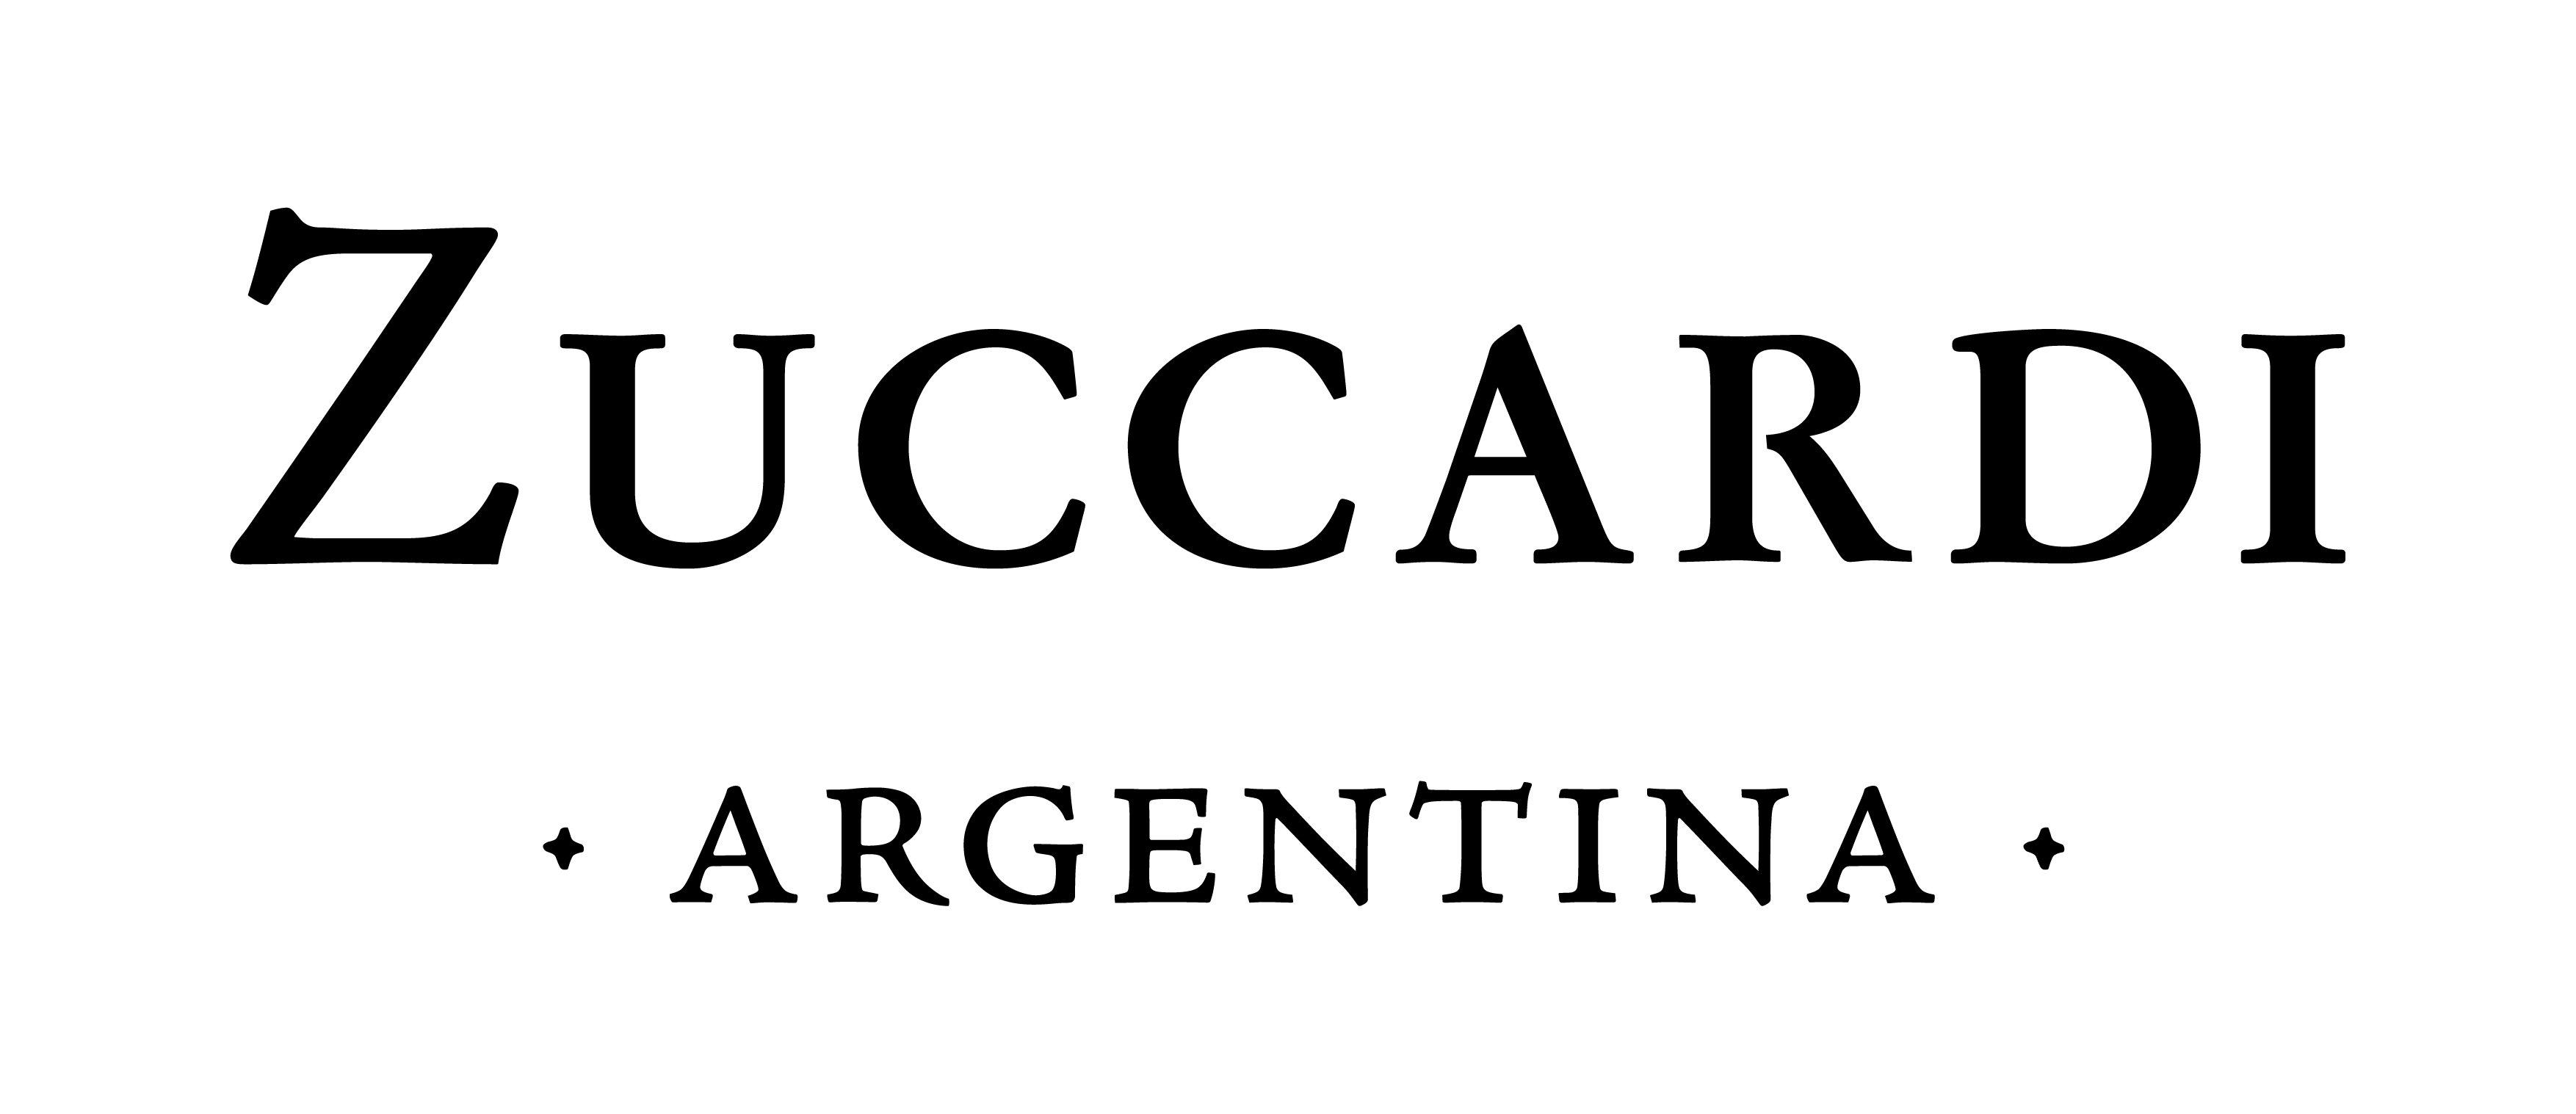 Zuccardi Argentina